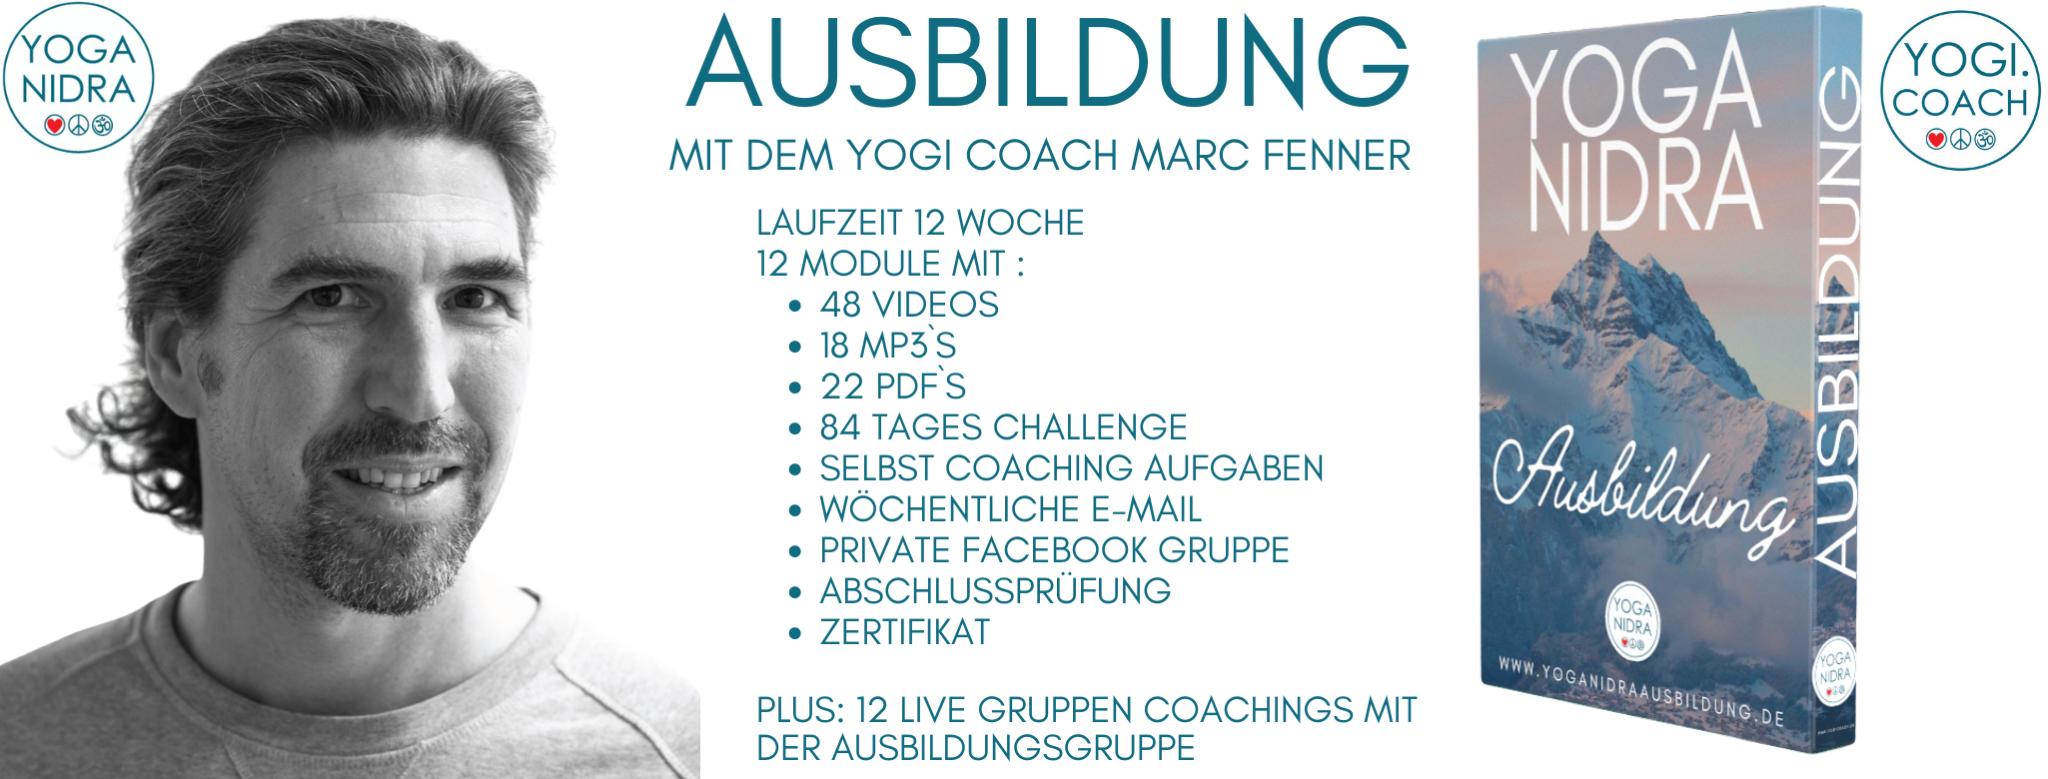 Übersicht Yoga Nidra Ausbildung Online